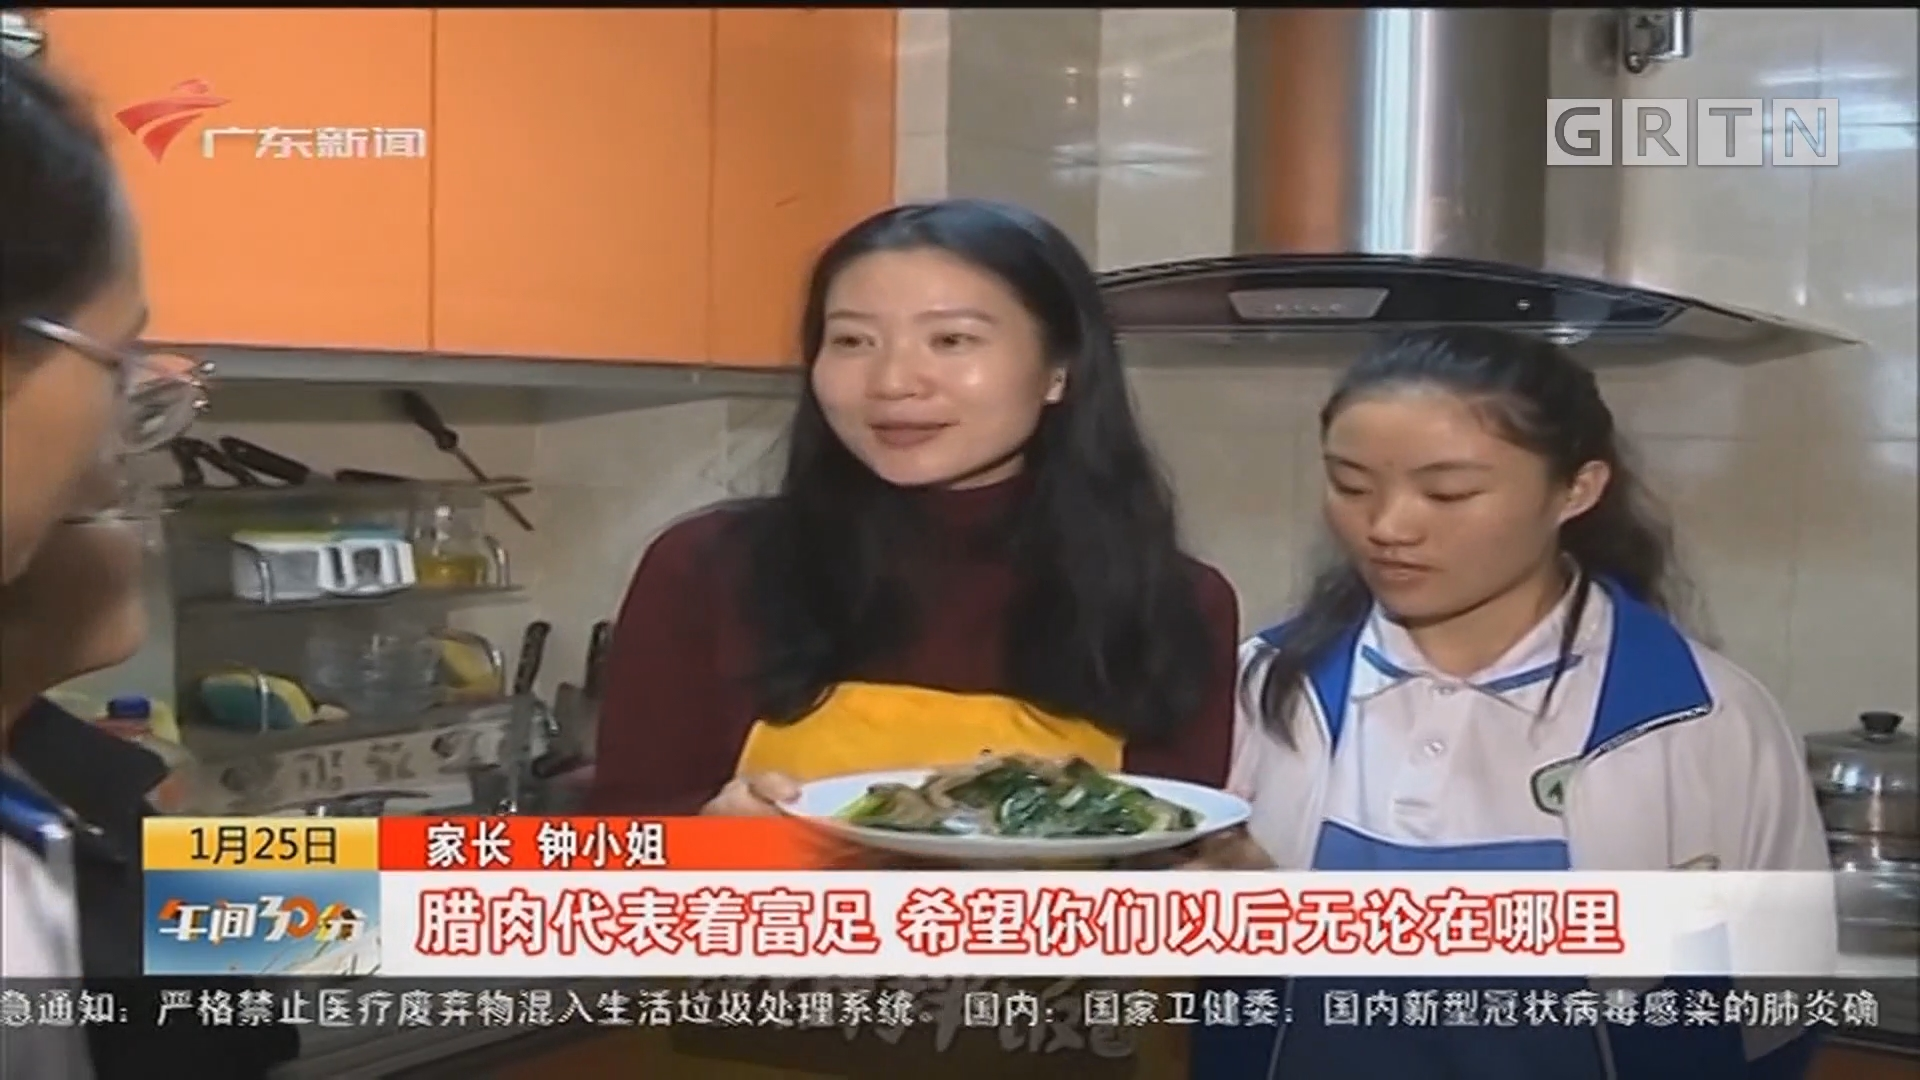 藏族学生在佛山感受别样团圆